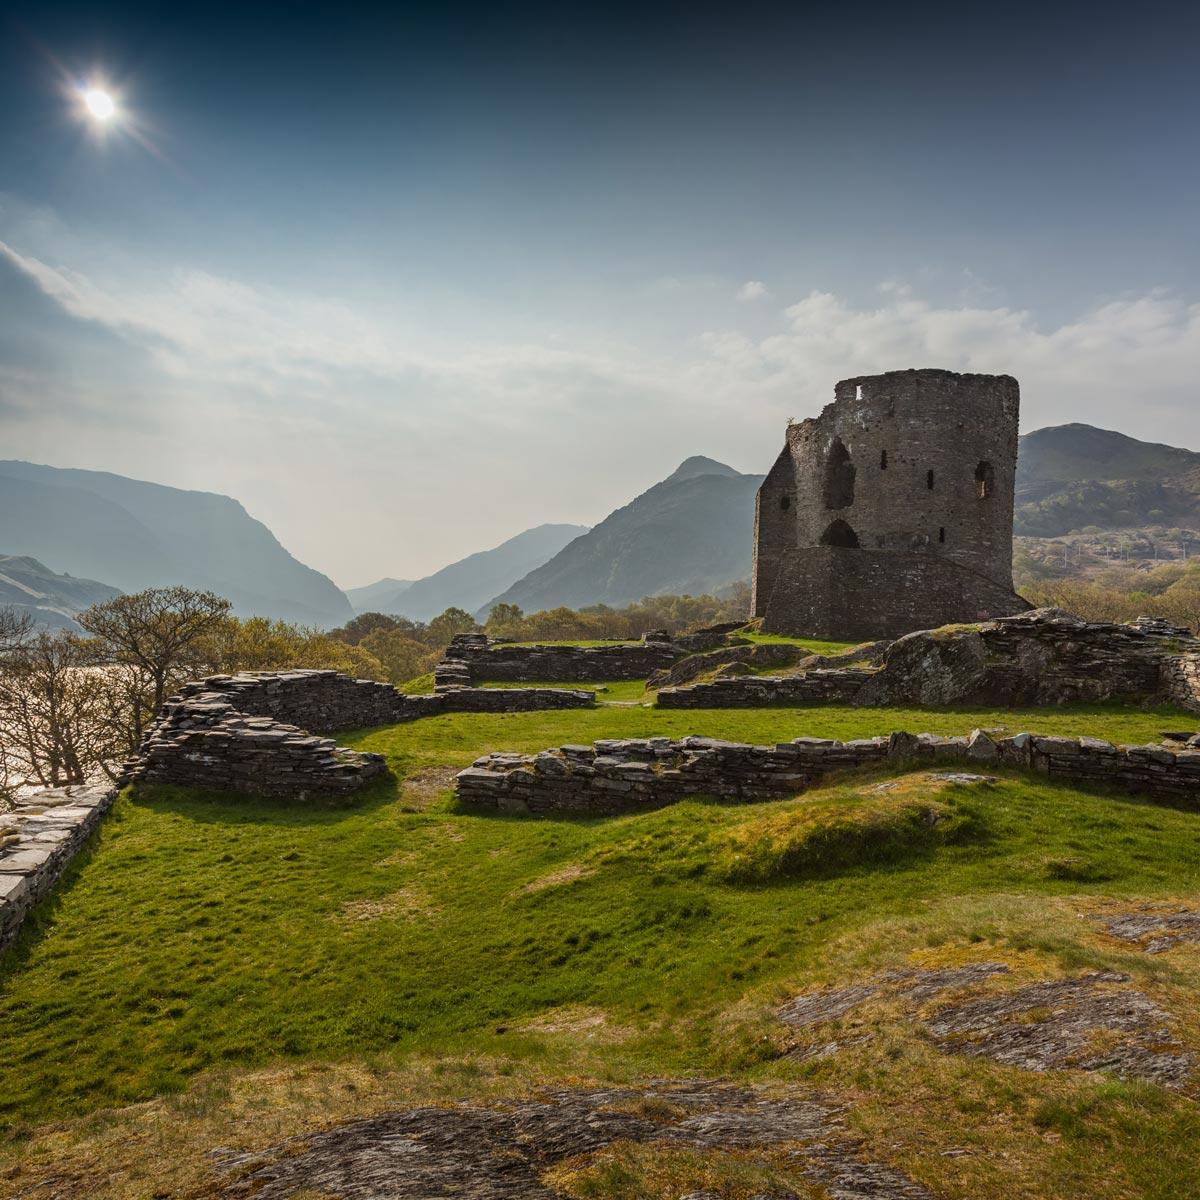 Castle ruins in Snowdonia, Wales